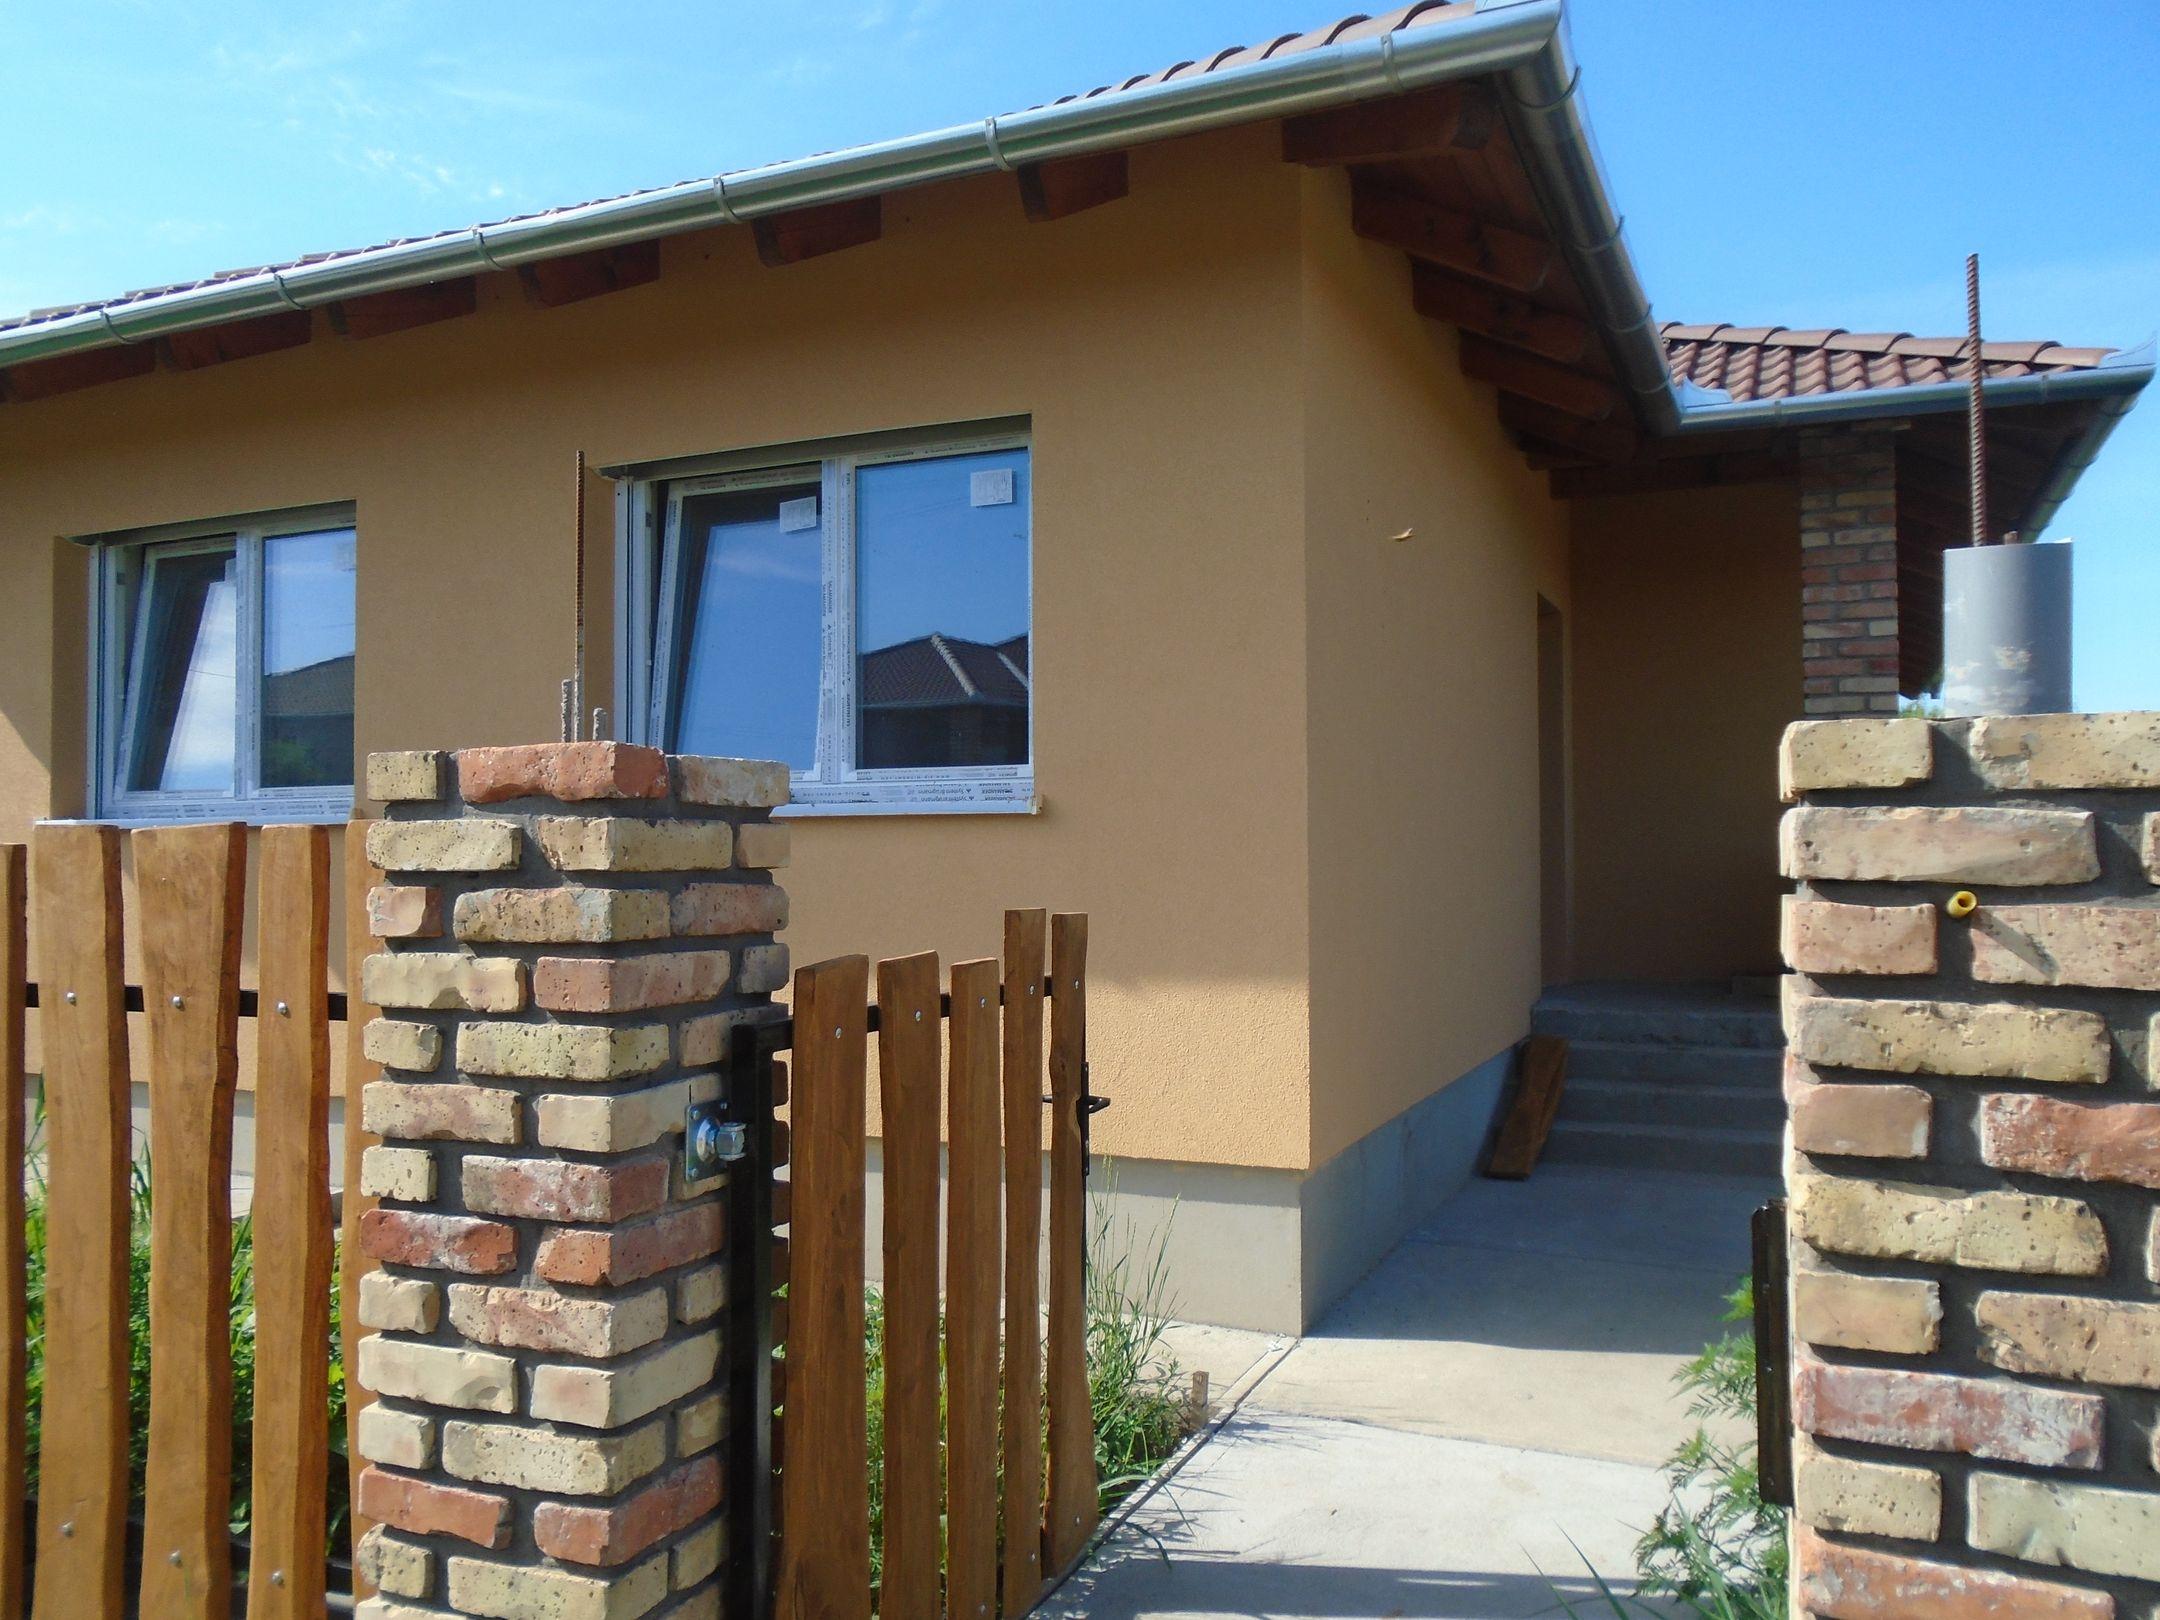 Gyömrő egyik igényes mini lakóparkjában,közel a városközponthoz,családias környezetben eladó egy azonnal költözhető új építésű családi ház!